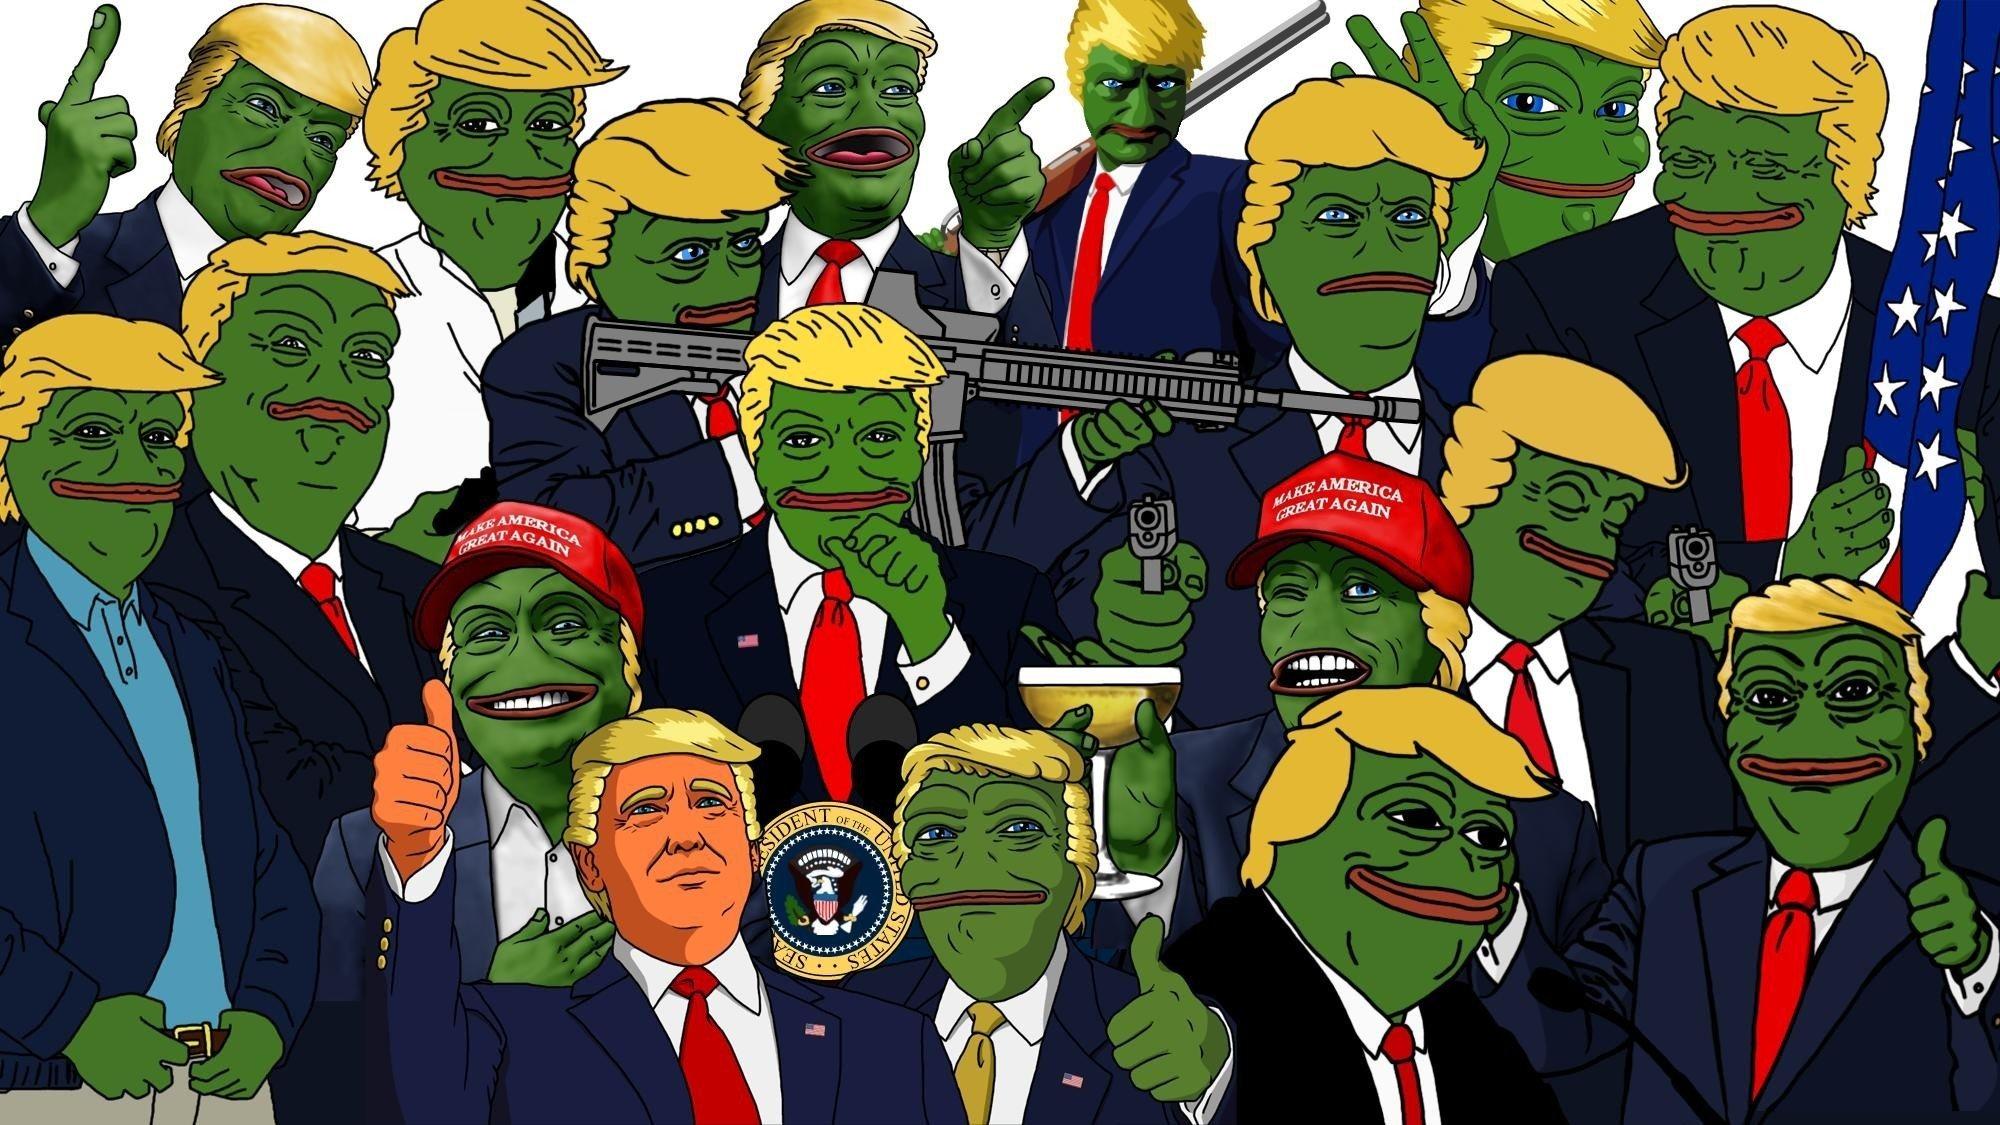 Mlg Hd Wallpaper Donald Trump Pepe Meme Sadfrog Kek North America